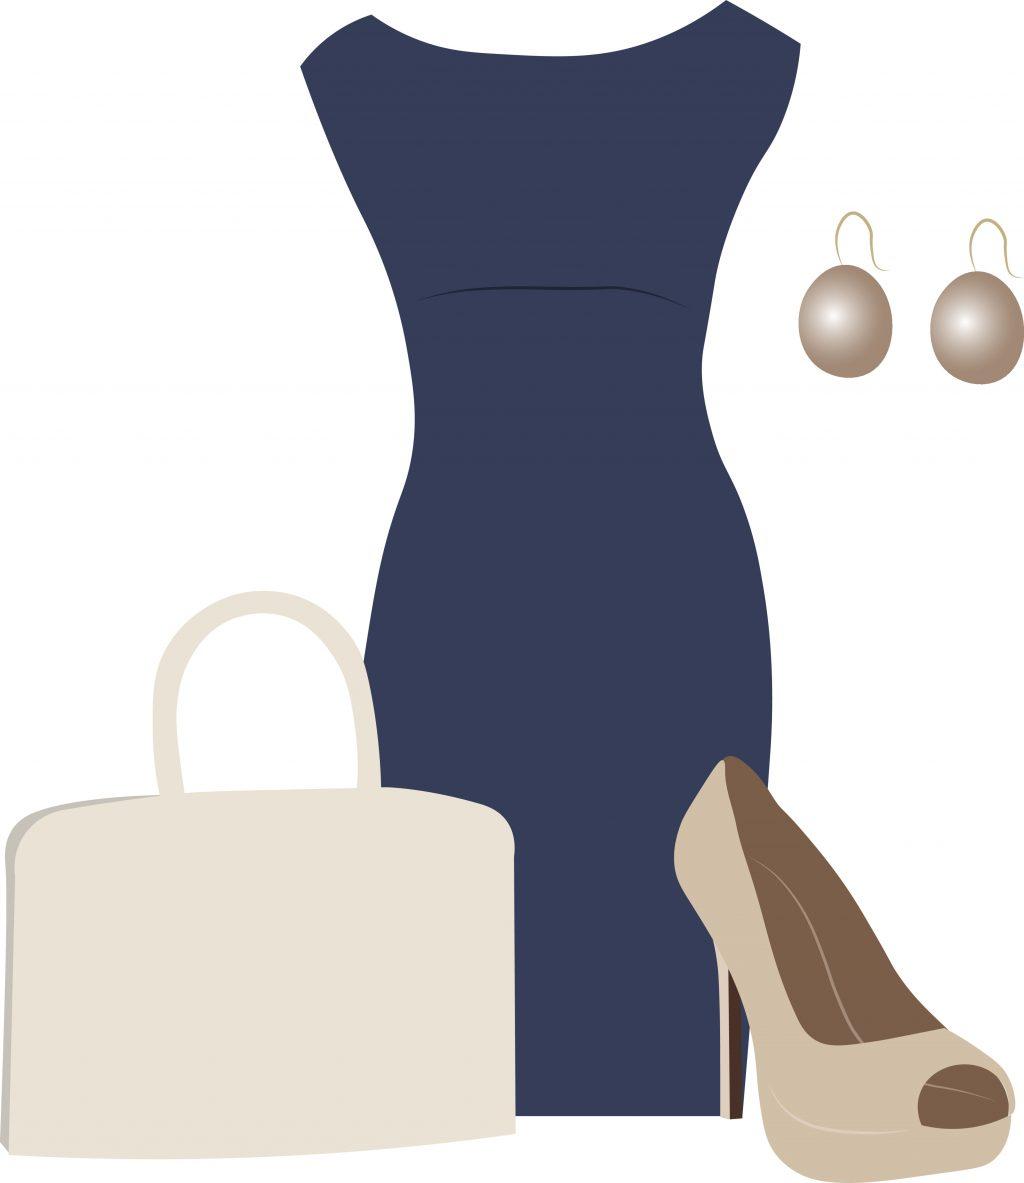 Fashion Illustration Bundle: Clothing Business Icons and illustrations - 22977290